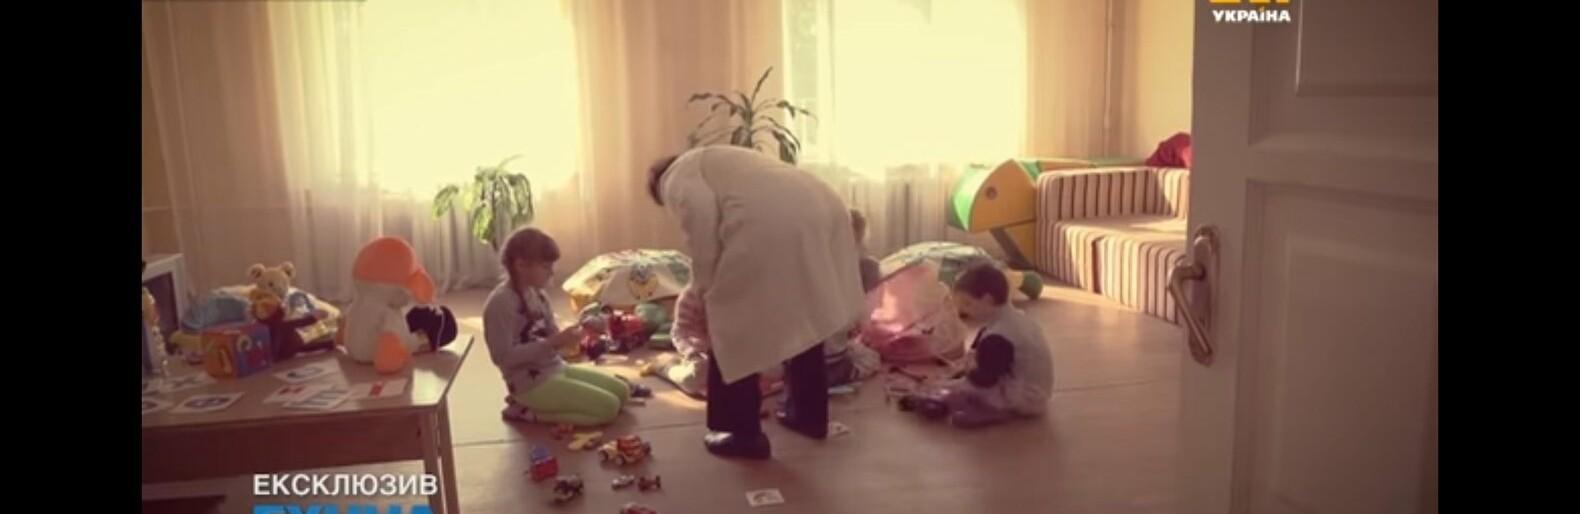 Изнасилование детей в Одесской области: появились показания подопечных Дома ребенка, медсестры прошли полиграф, - ВИДЕО0